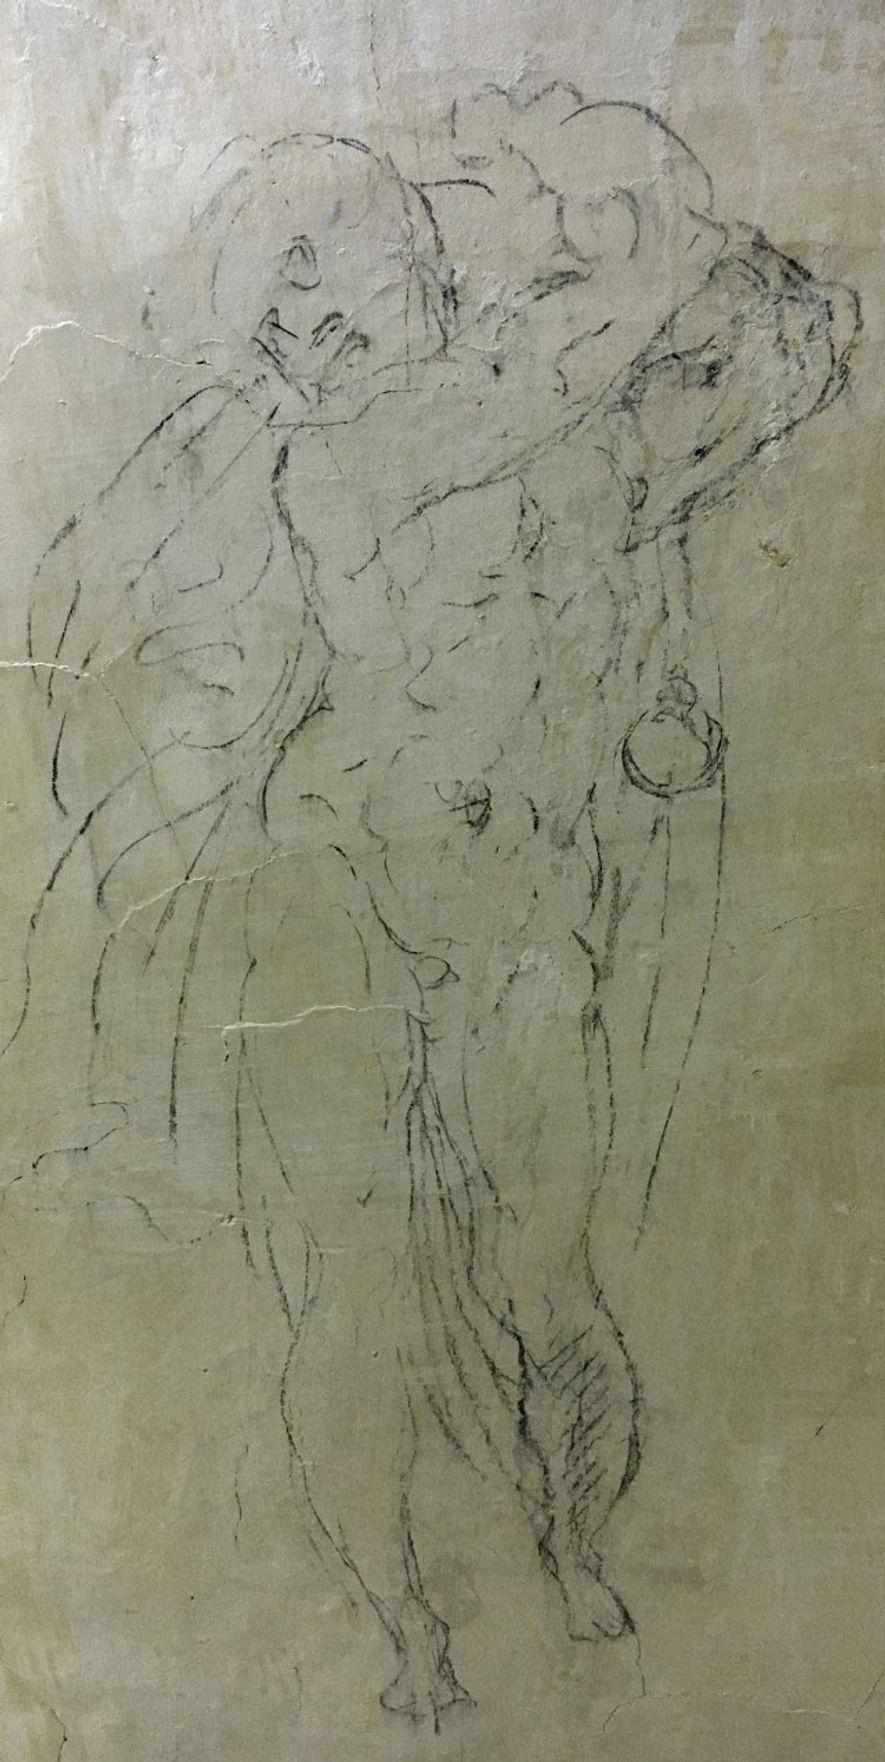 TRANSFORMADOS EM PEDRA  Estes desenhos evocam a pose distinta da estátua de Apolo, um trabalho inacabado atribuído a Michelangelo.